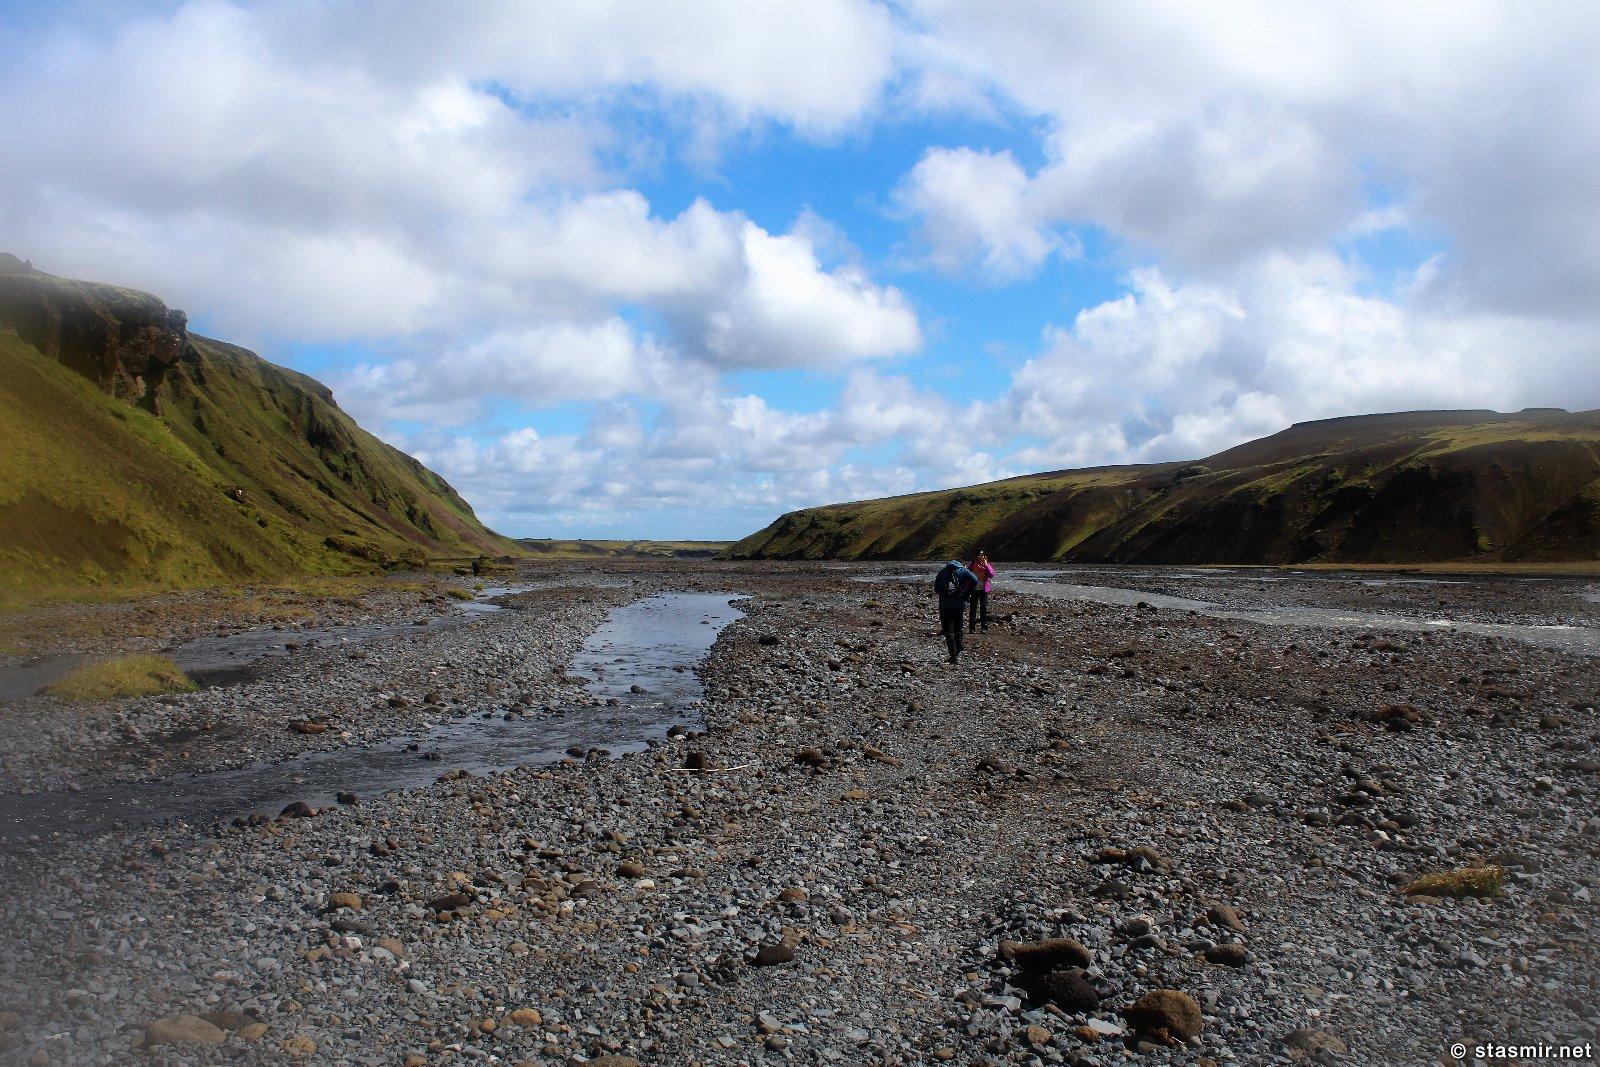 Ледянящая река, через которую нужно переходить на Тагиле, реки текут на юг, зеленые луга по маршруту Такгил, Такгиль, Þakgíl, Тагил, фото Стасмир, photo Stasmir